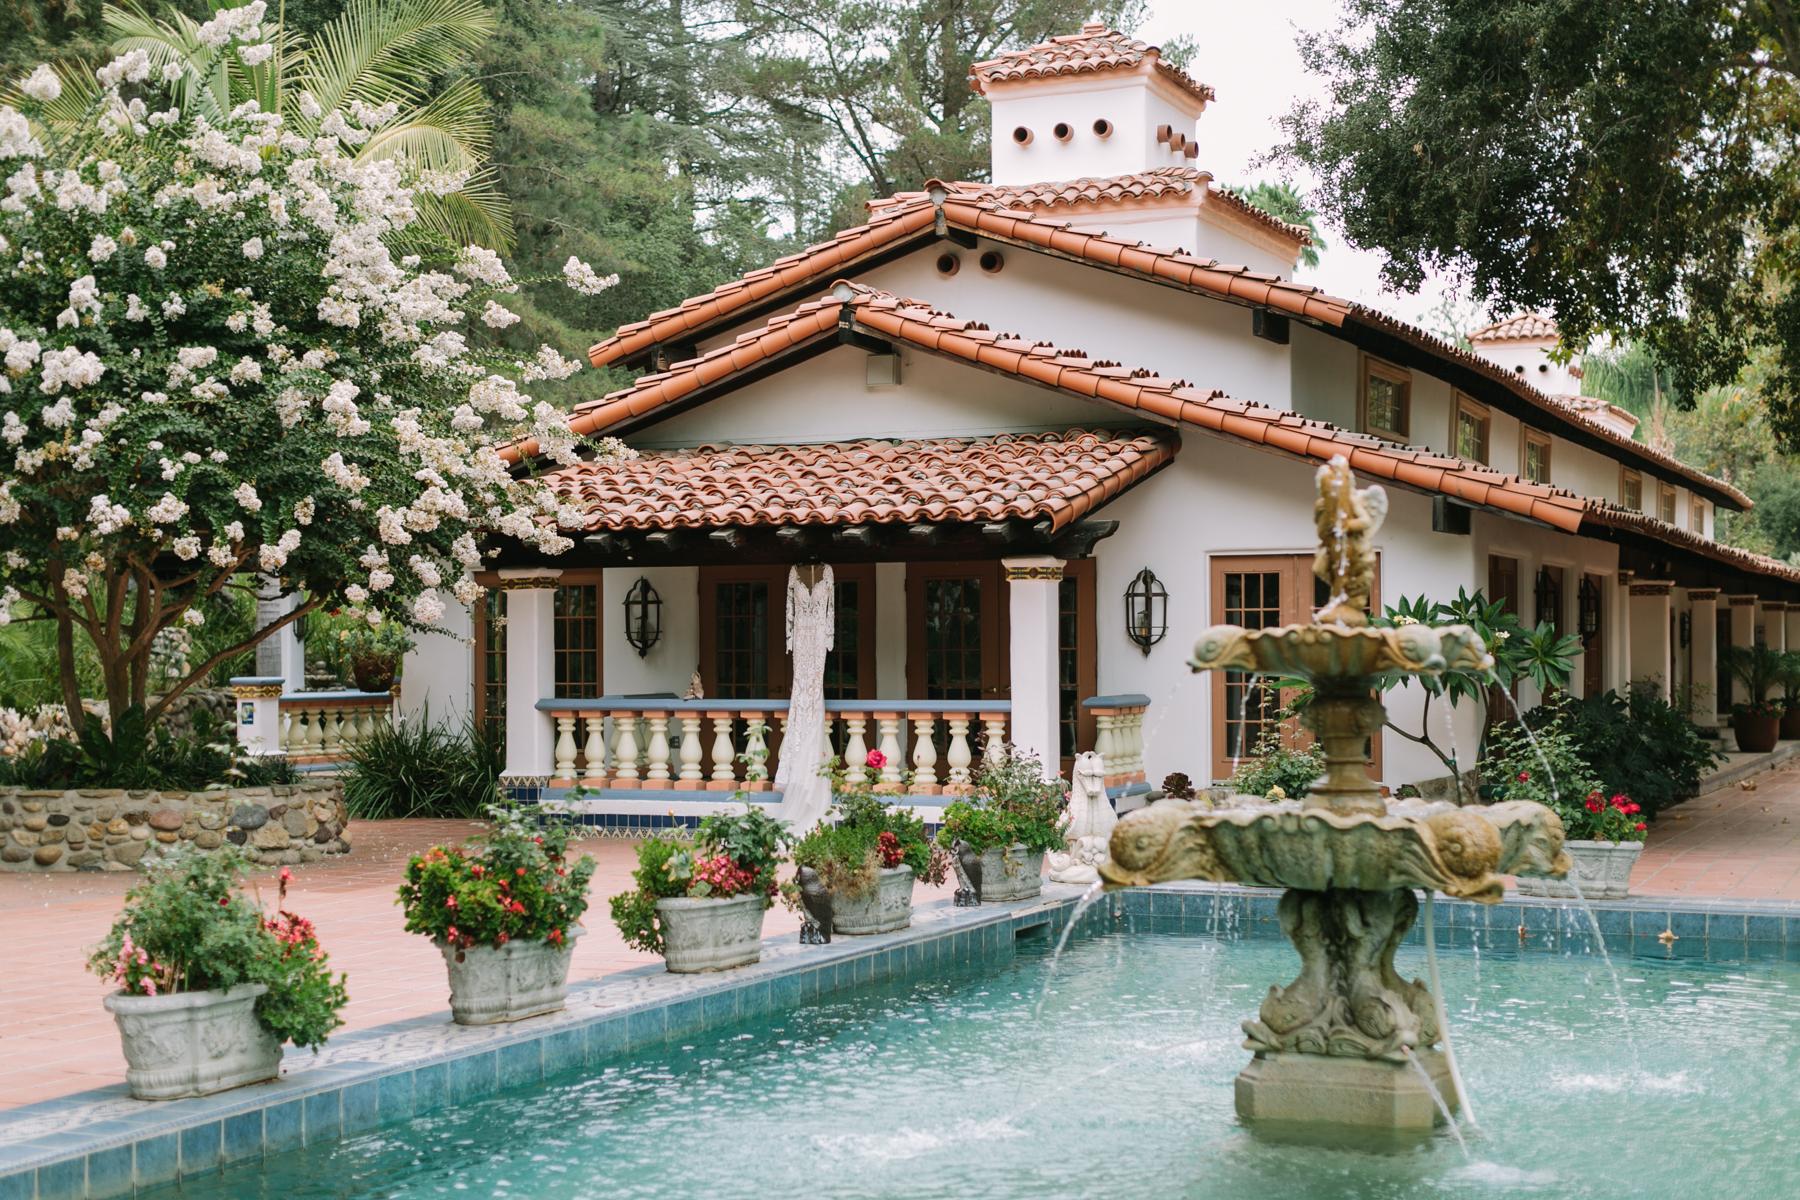 Rancho_Las_Lomas_BC_And_Co_Photographers-3